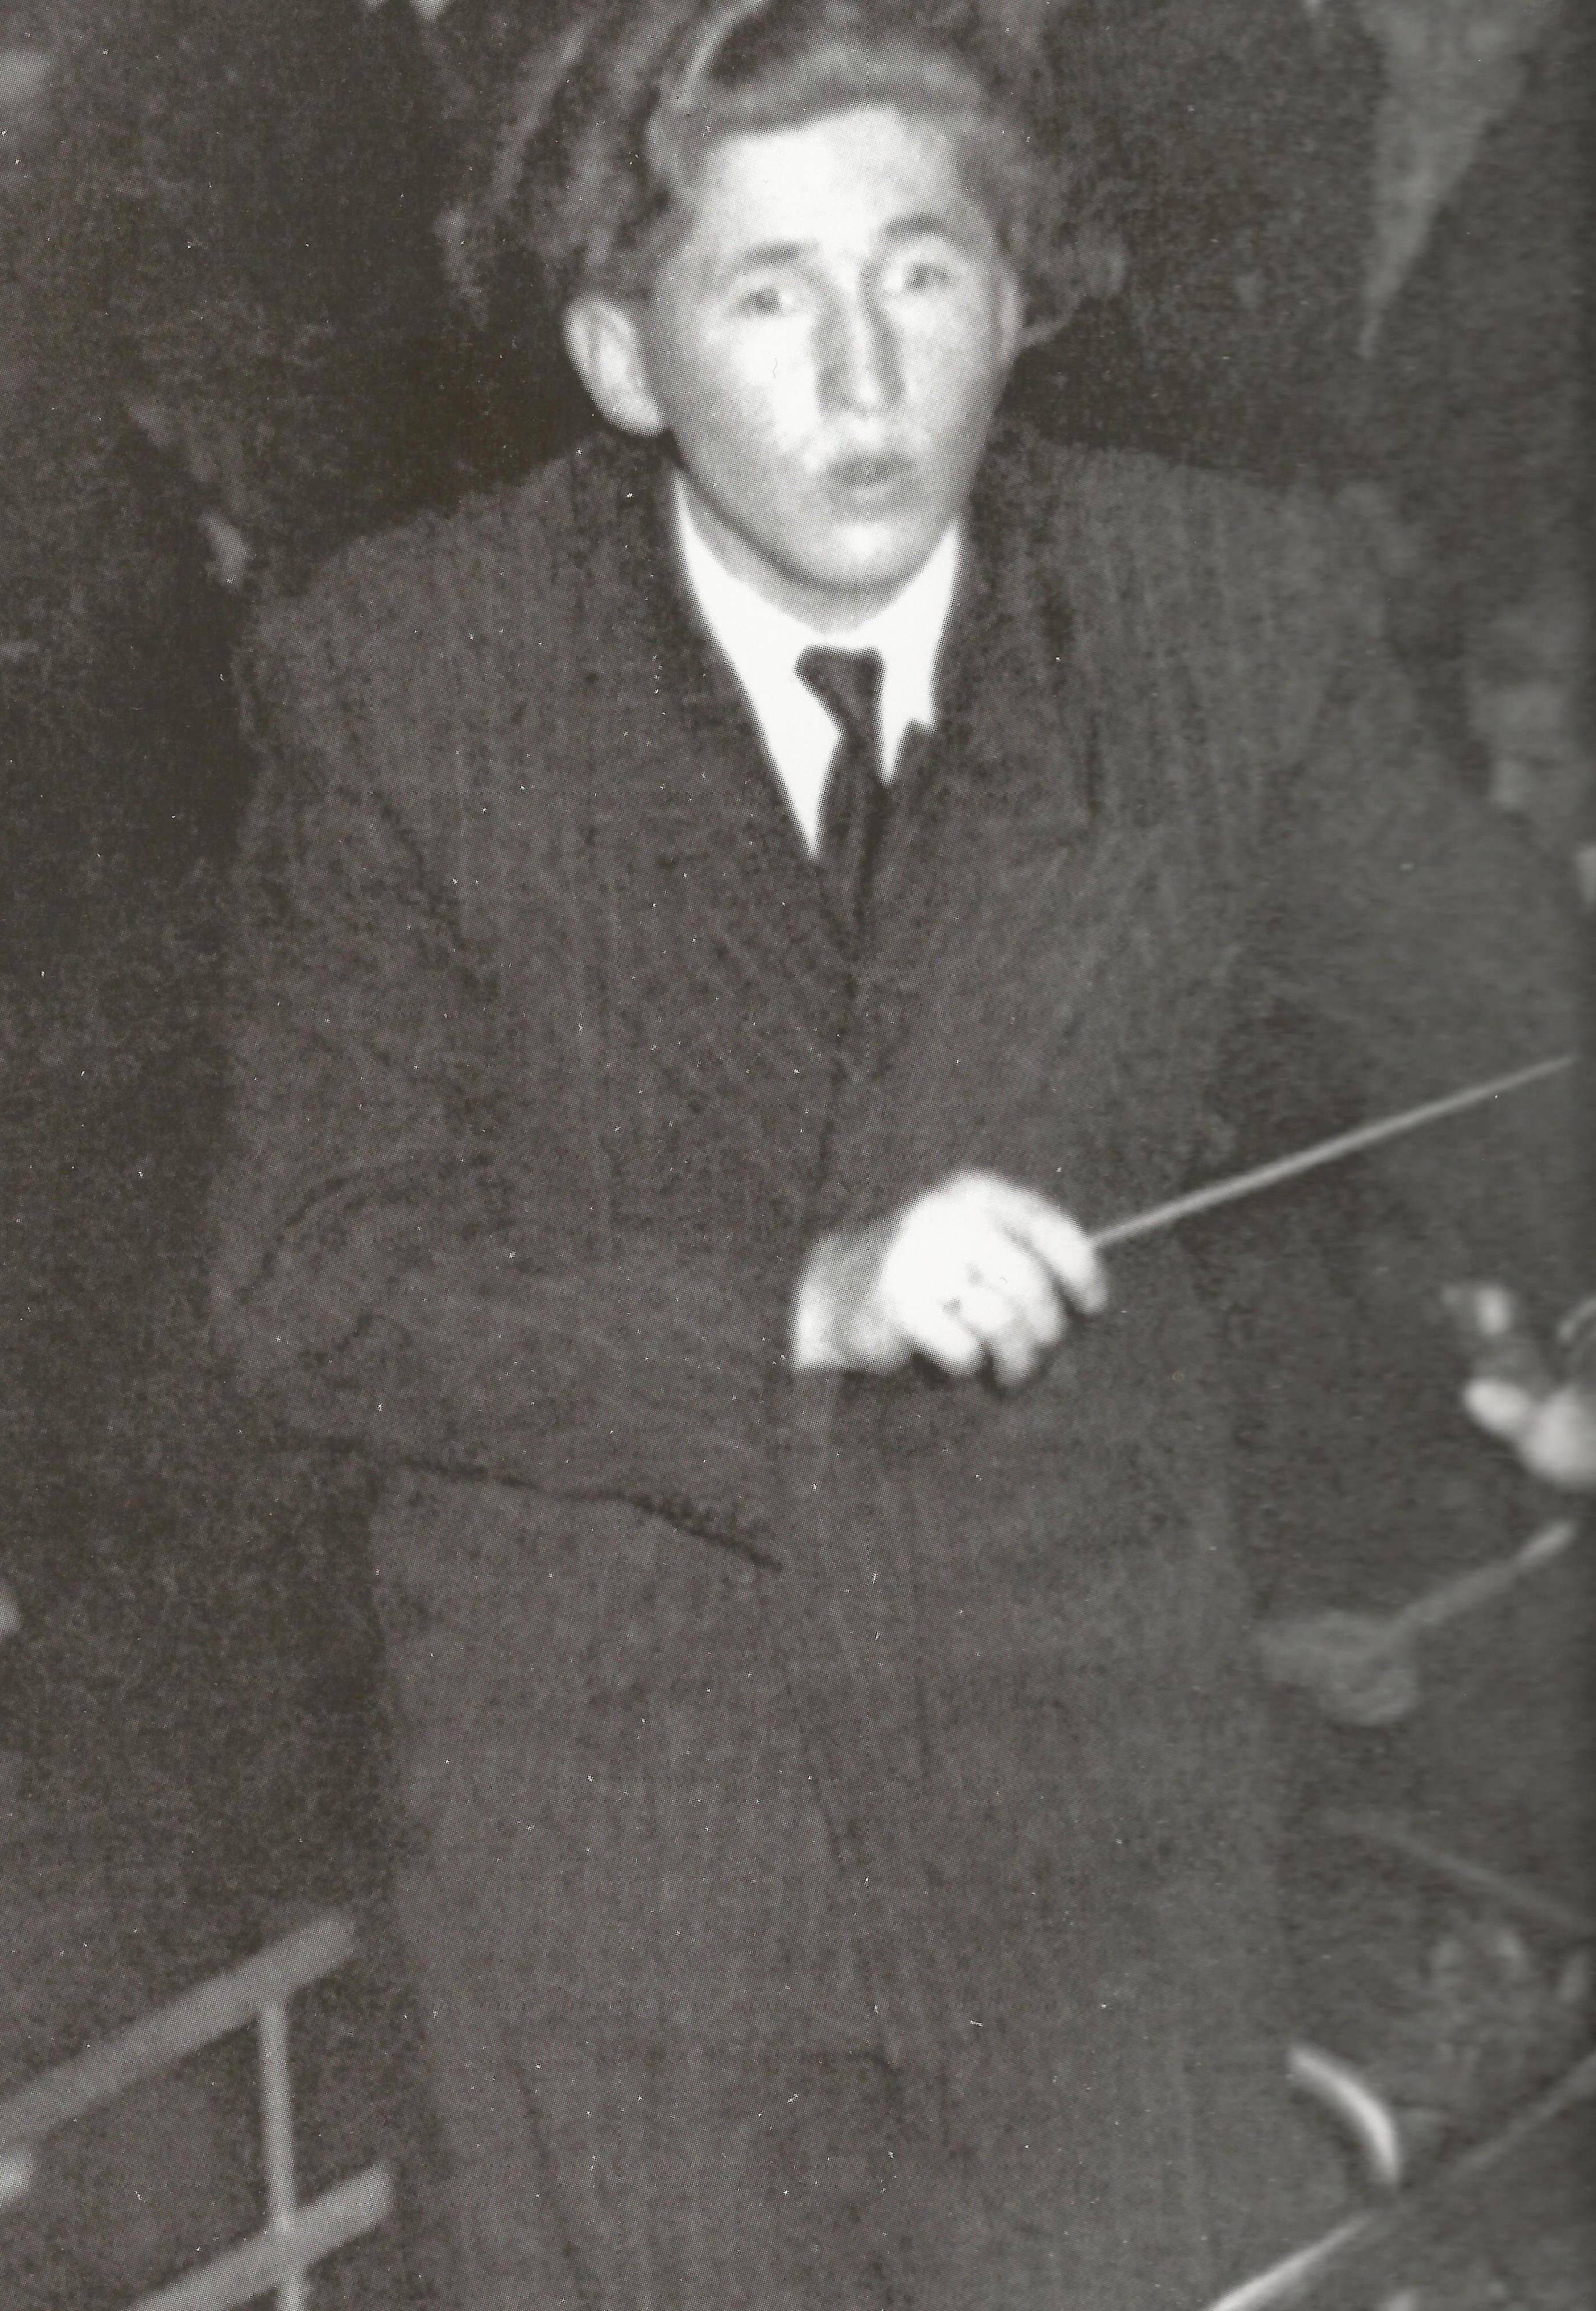 Als ca. 18-jähriger Dirigent